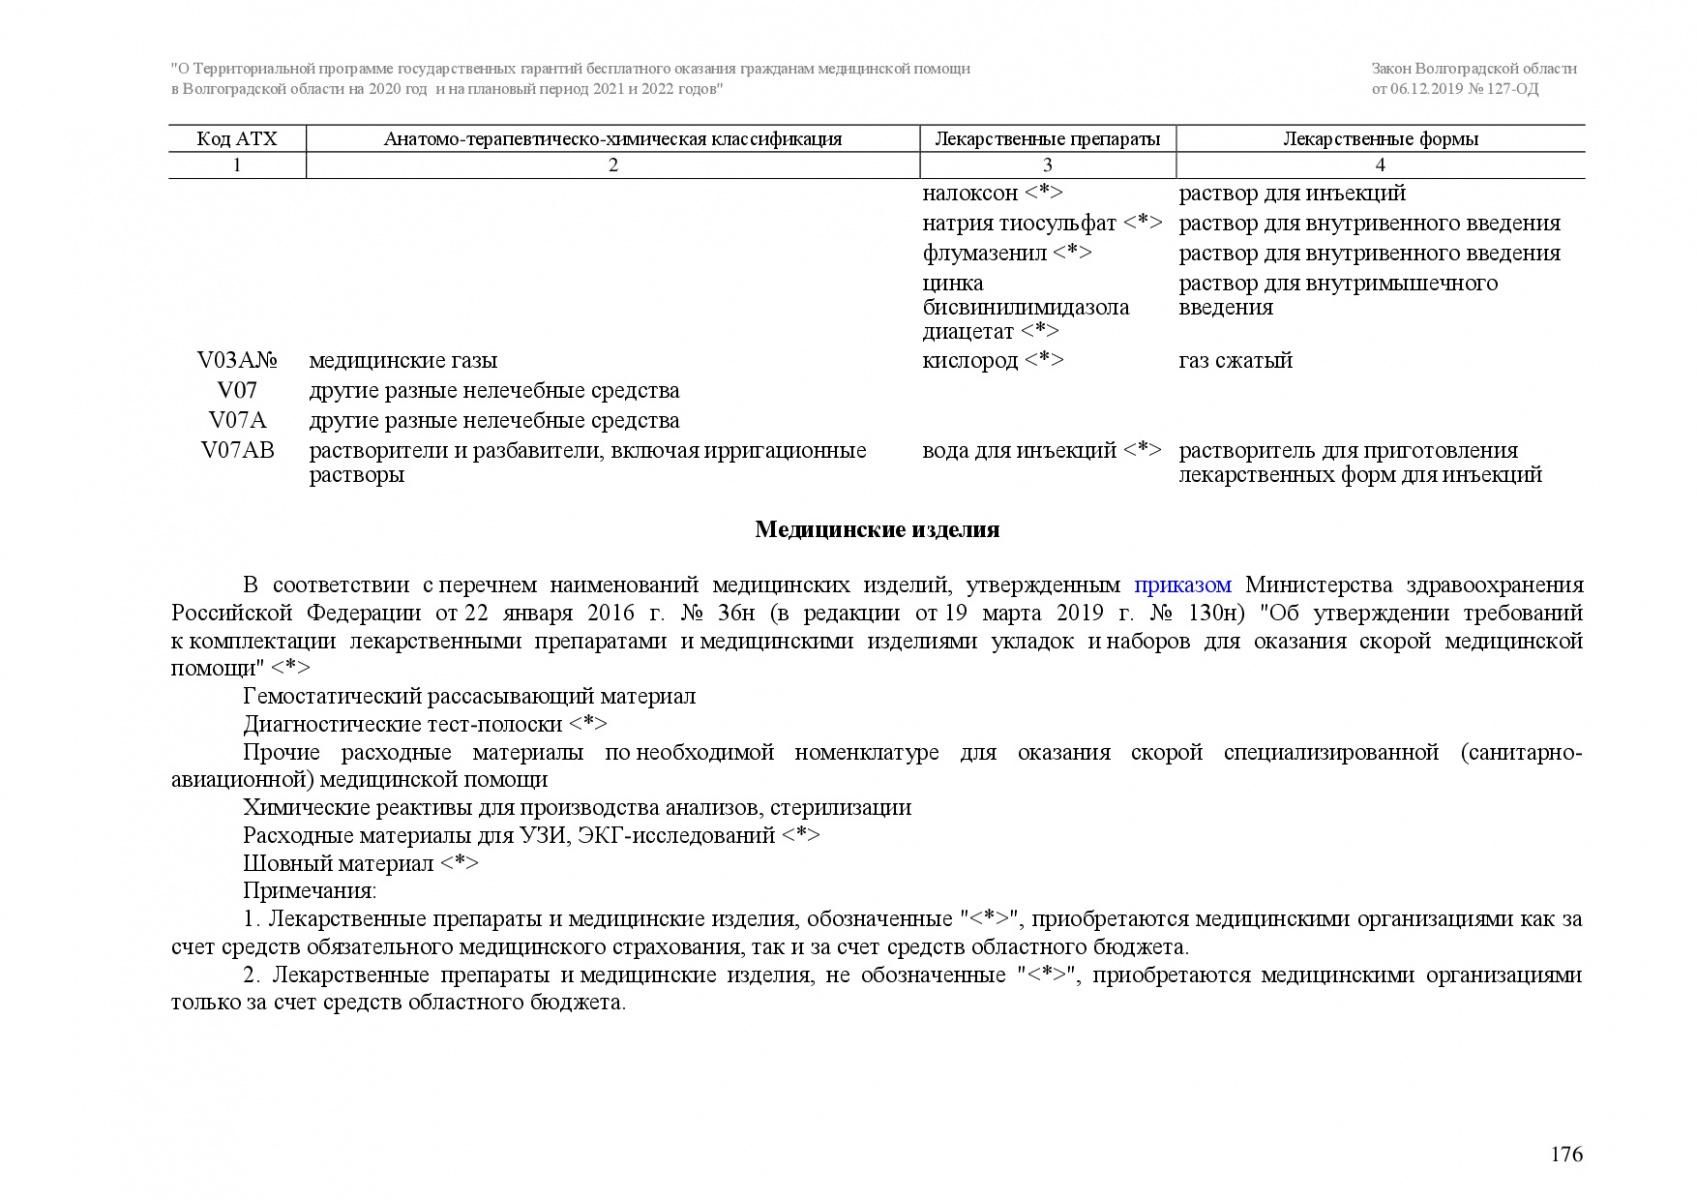 Zakon-VO-127-OD-ot-6_12_2019-TPGG-176